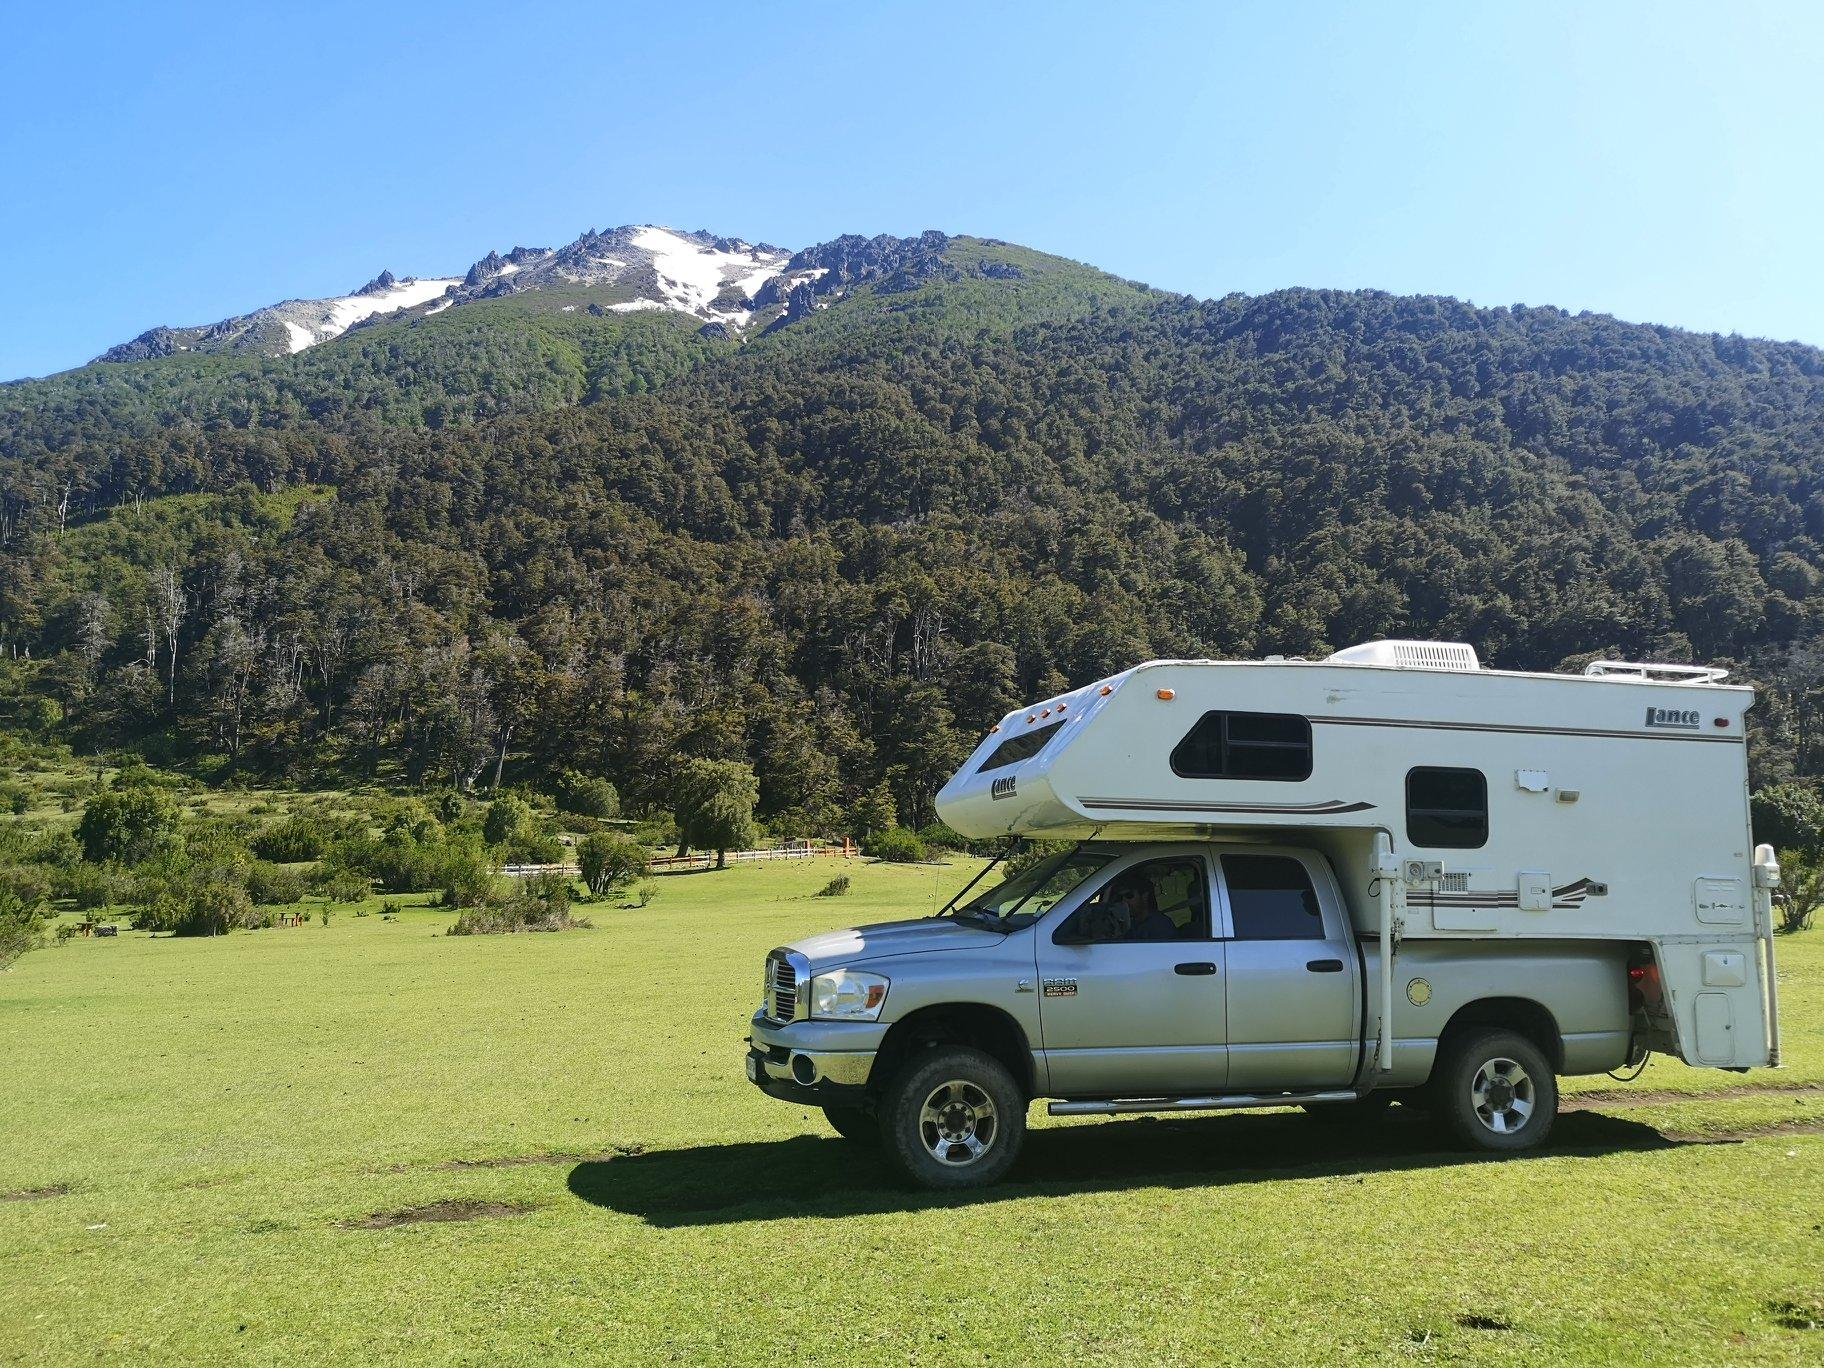 Lance Camper Dodge Ram 2500